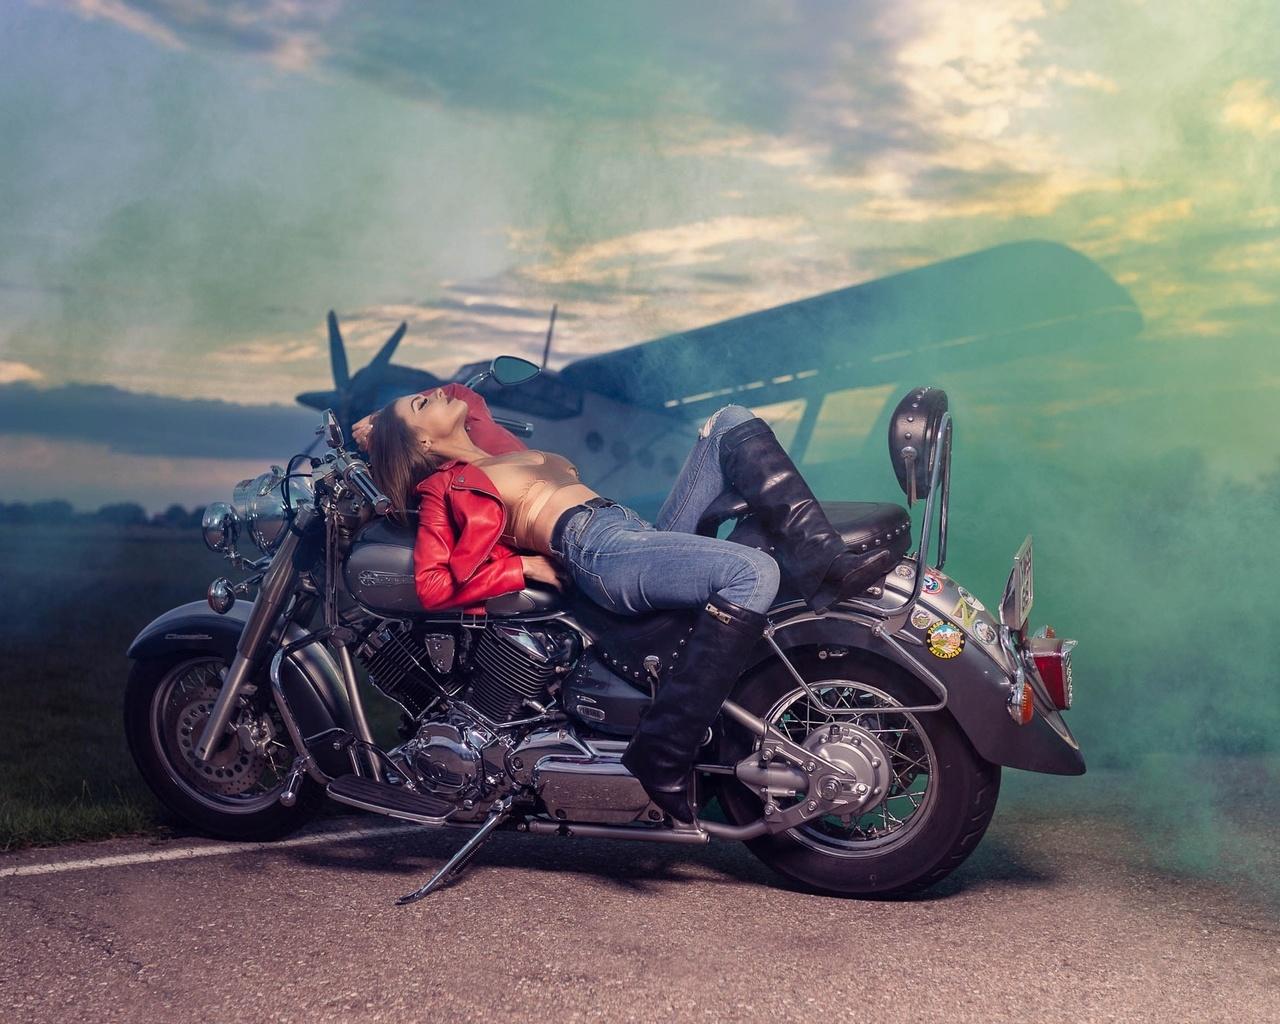 мотоцикл, девушка, байк